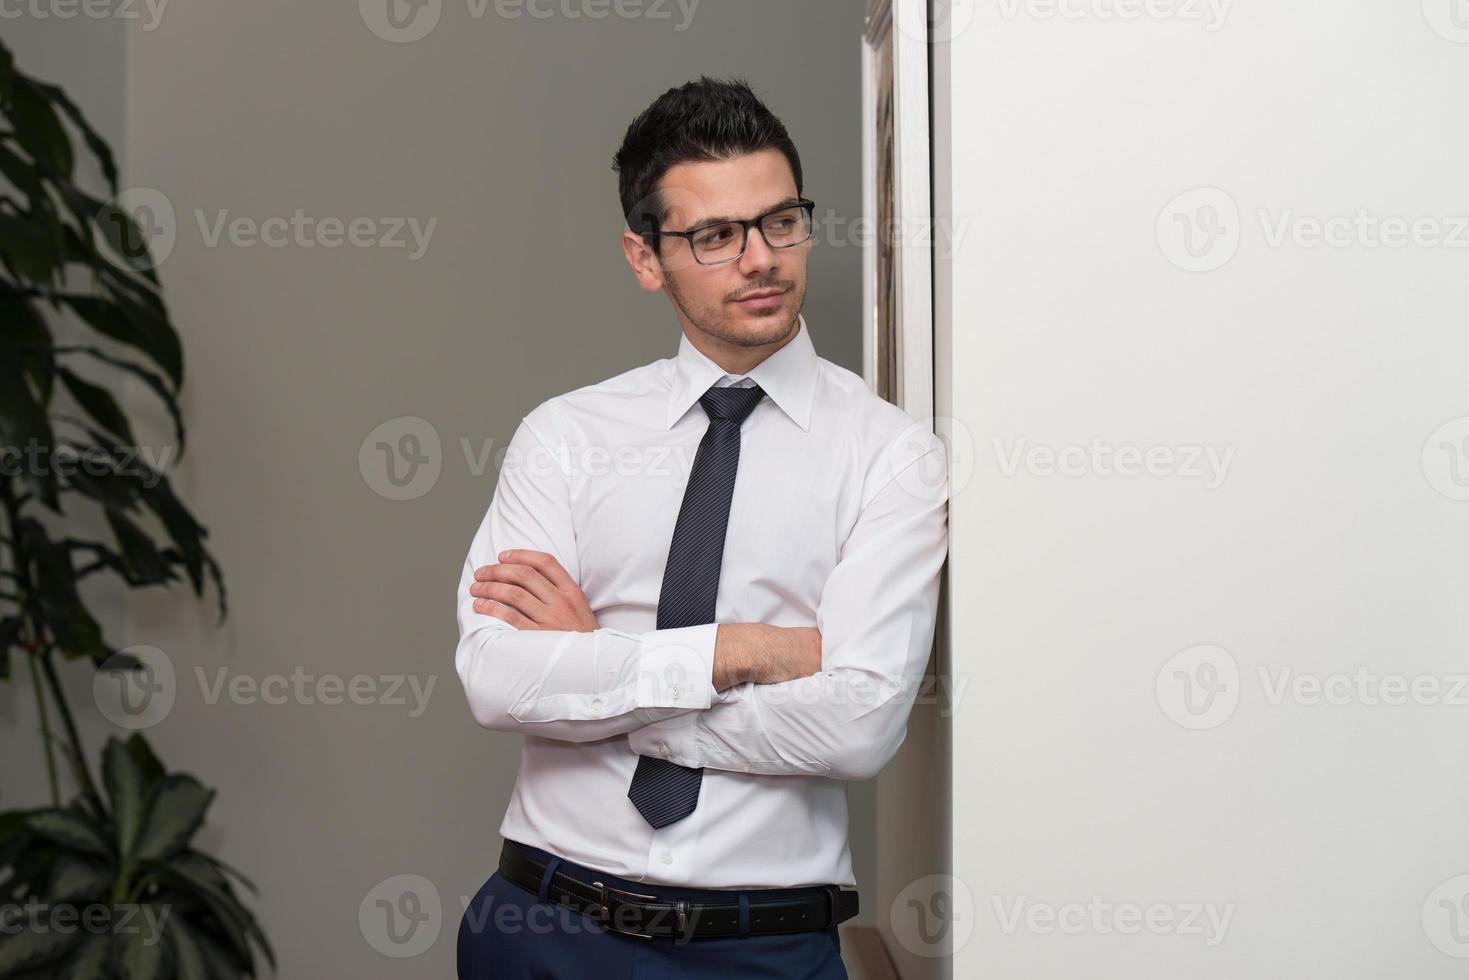 retrato de homem de negócios jovem no escritório foto